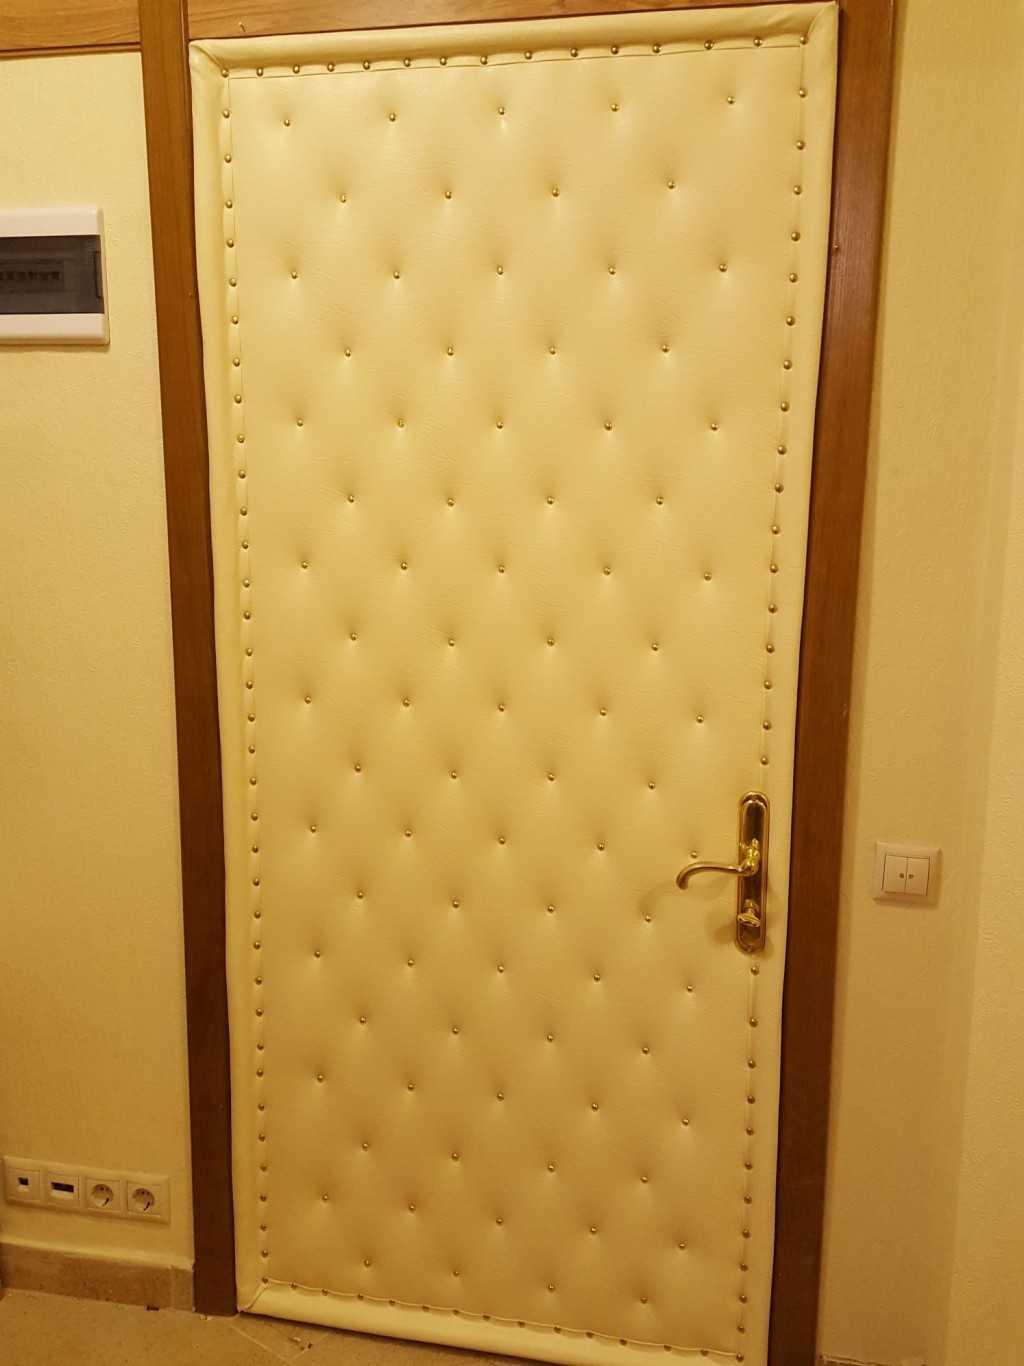 Чем можно обшить дверь входную изнутри. обшиваем дверь дерматином, чтобы сохранить тепло и улучшить звукоизоляцию